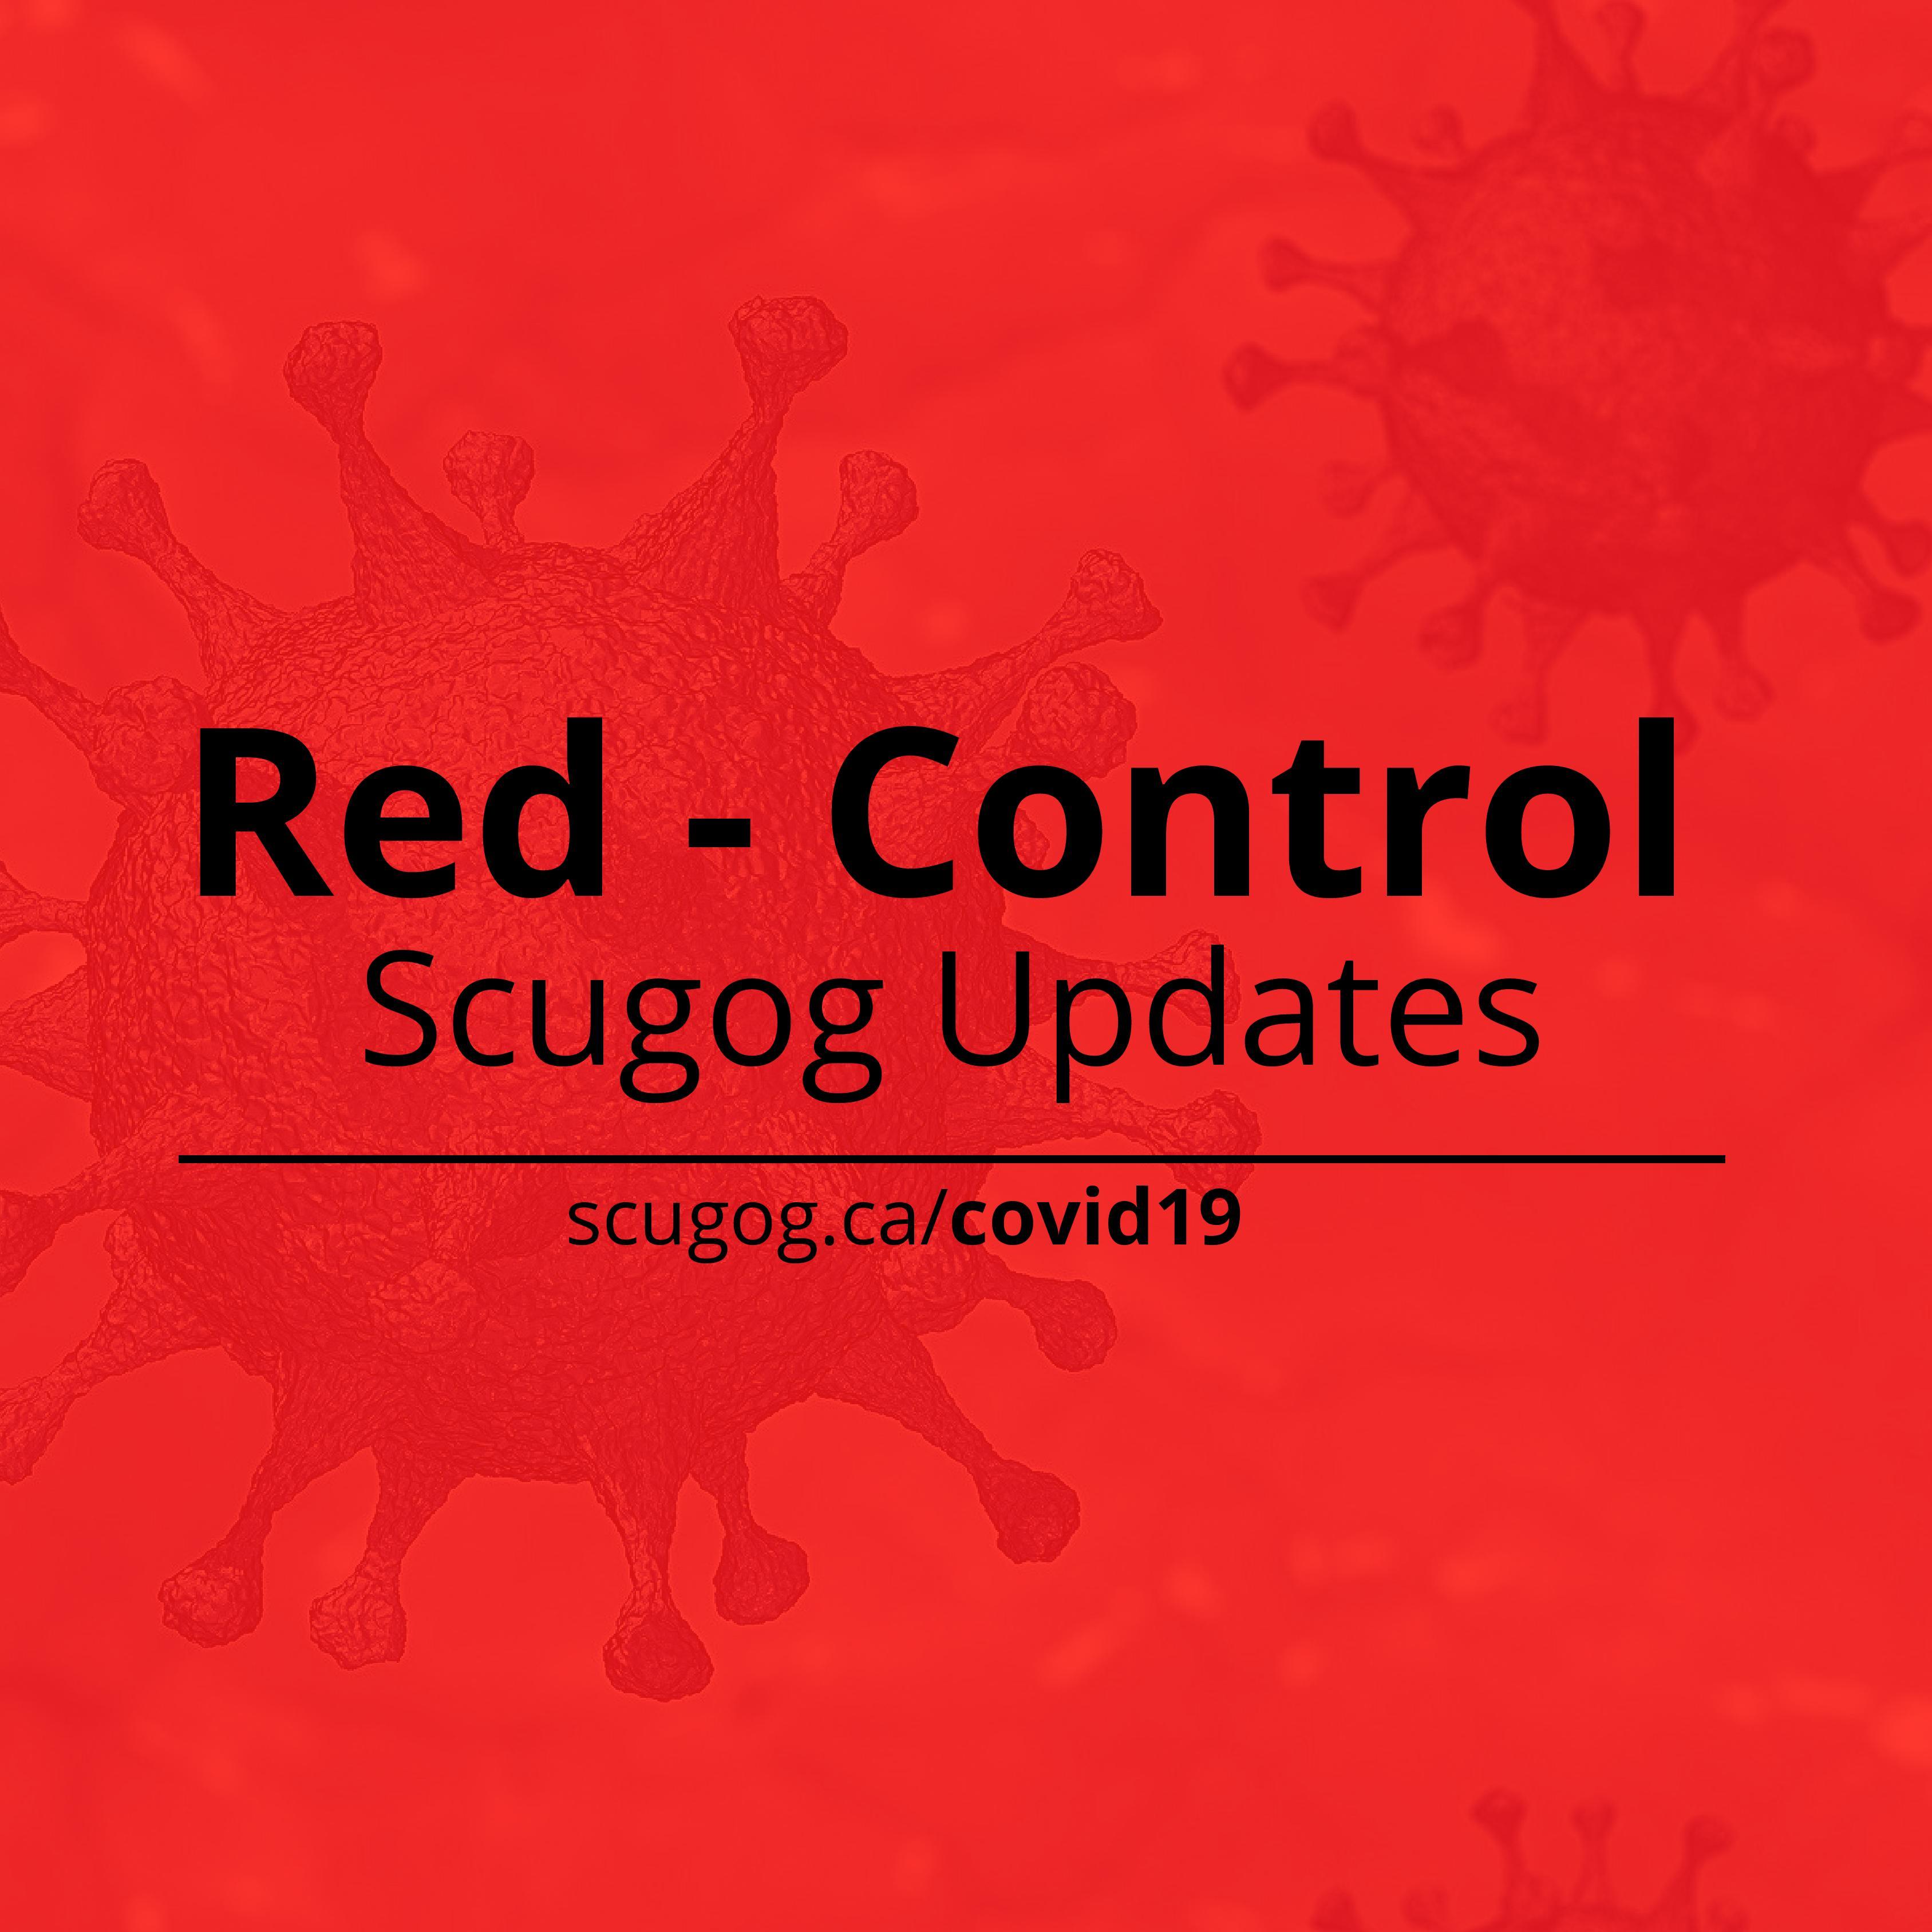 Red Control Scugog Updates